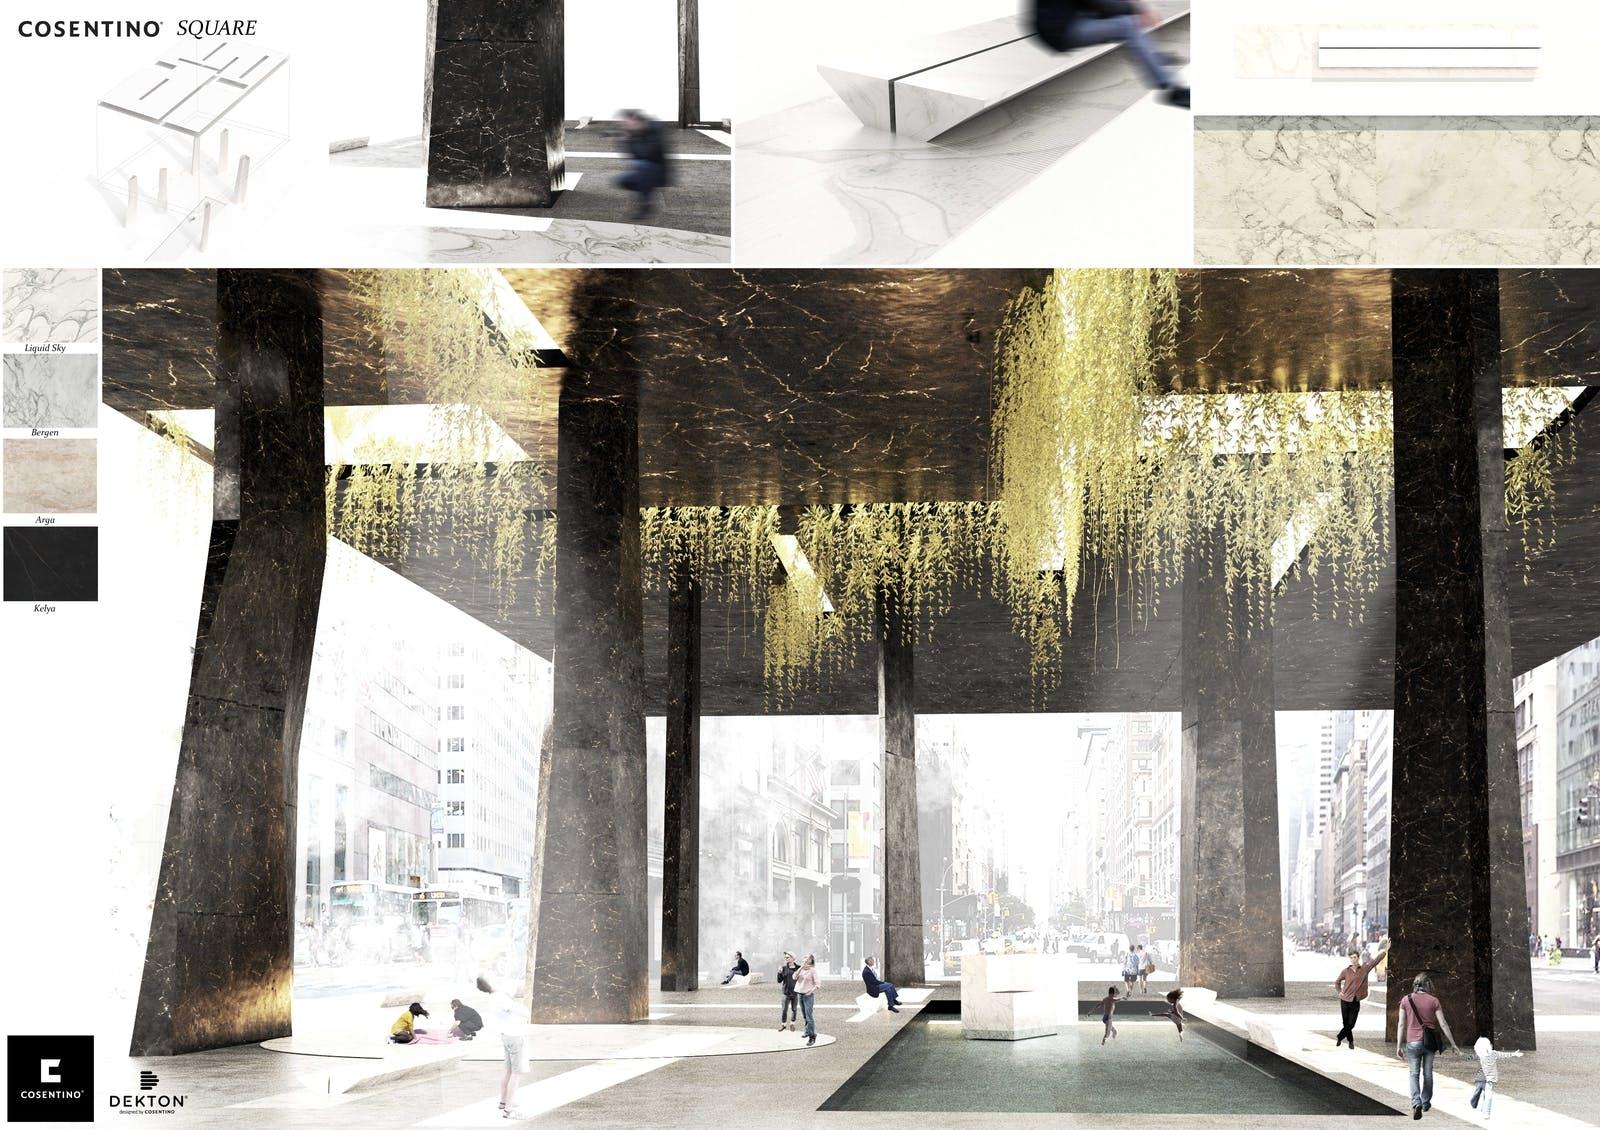 Image of 100 Cosentino Square s in Ganadores Cosentino Design Challenge 14 - Cosentino